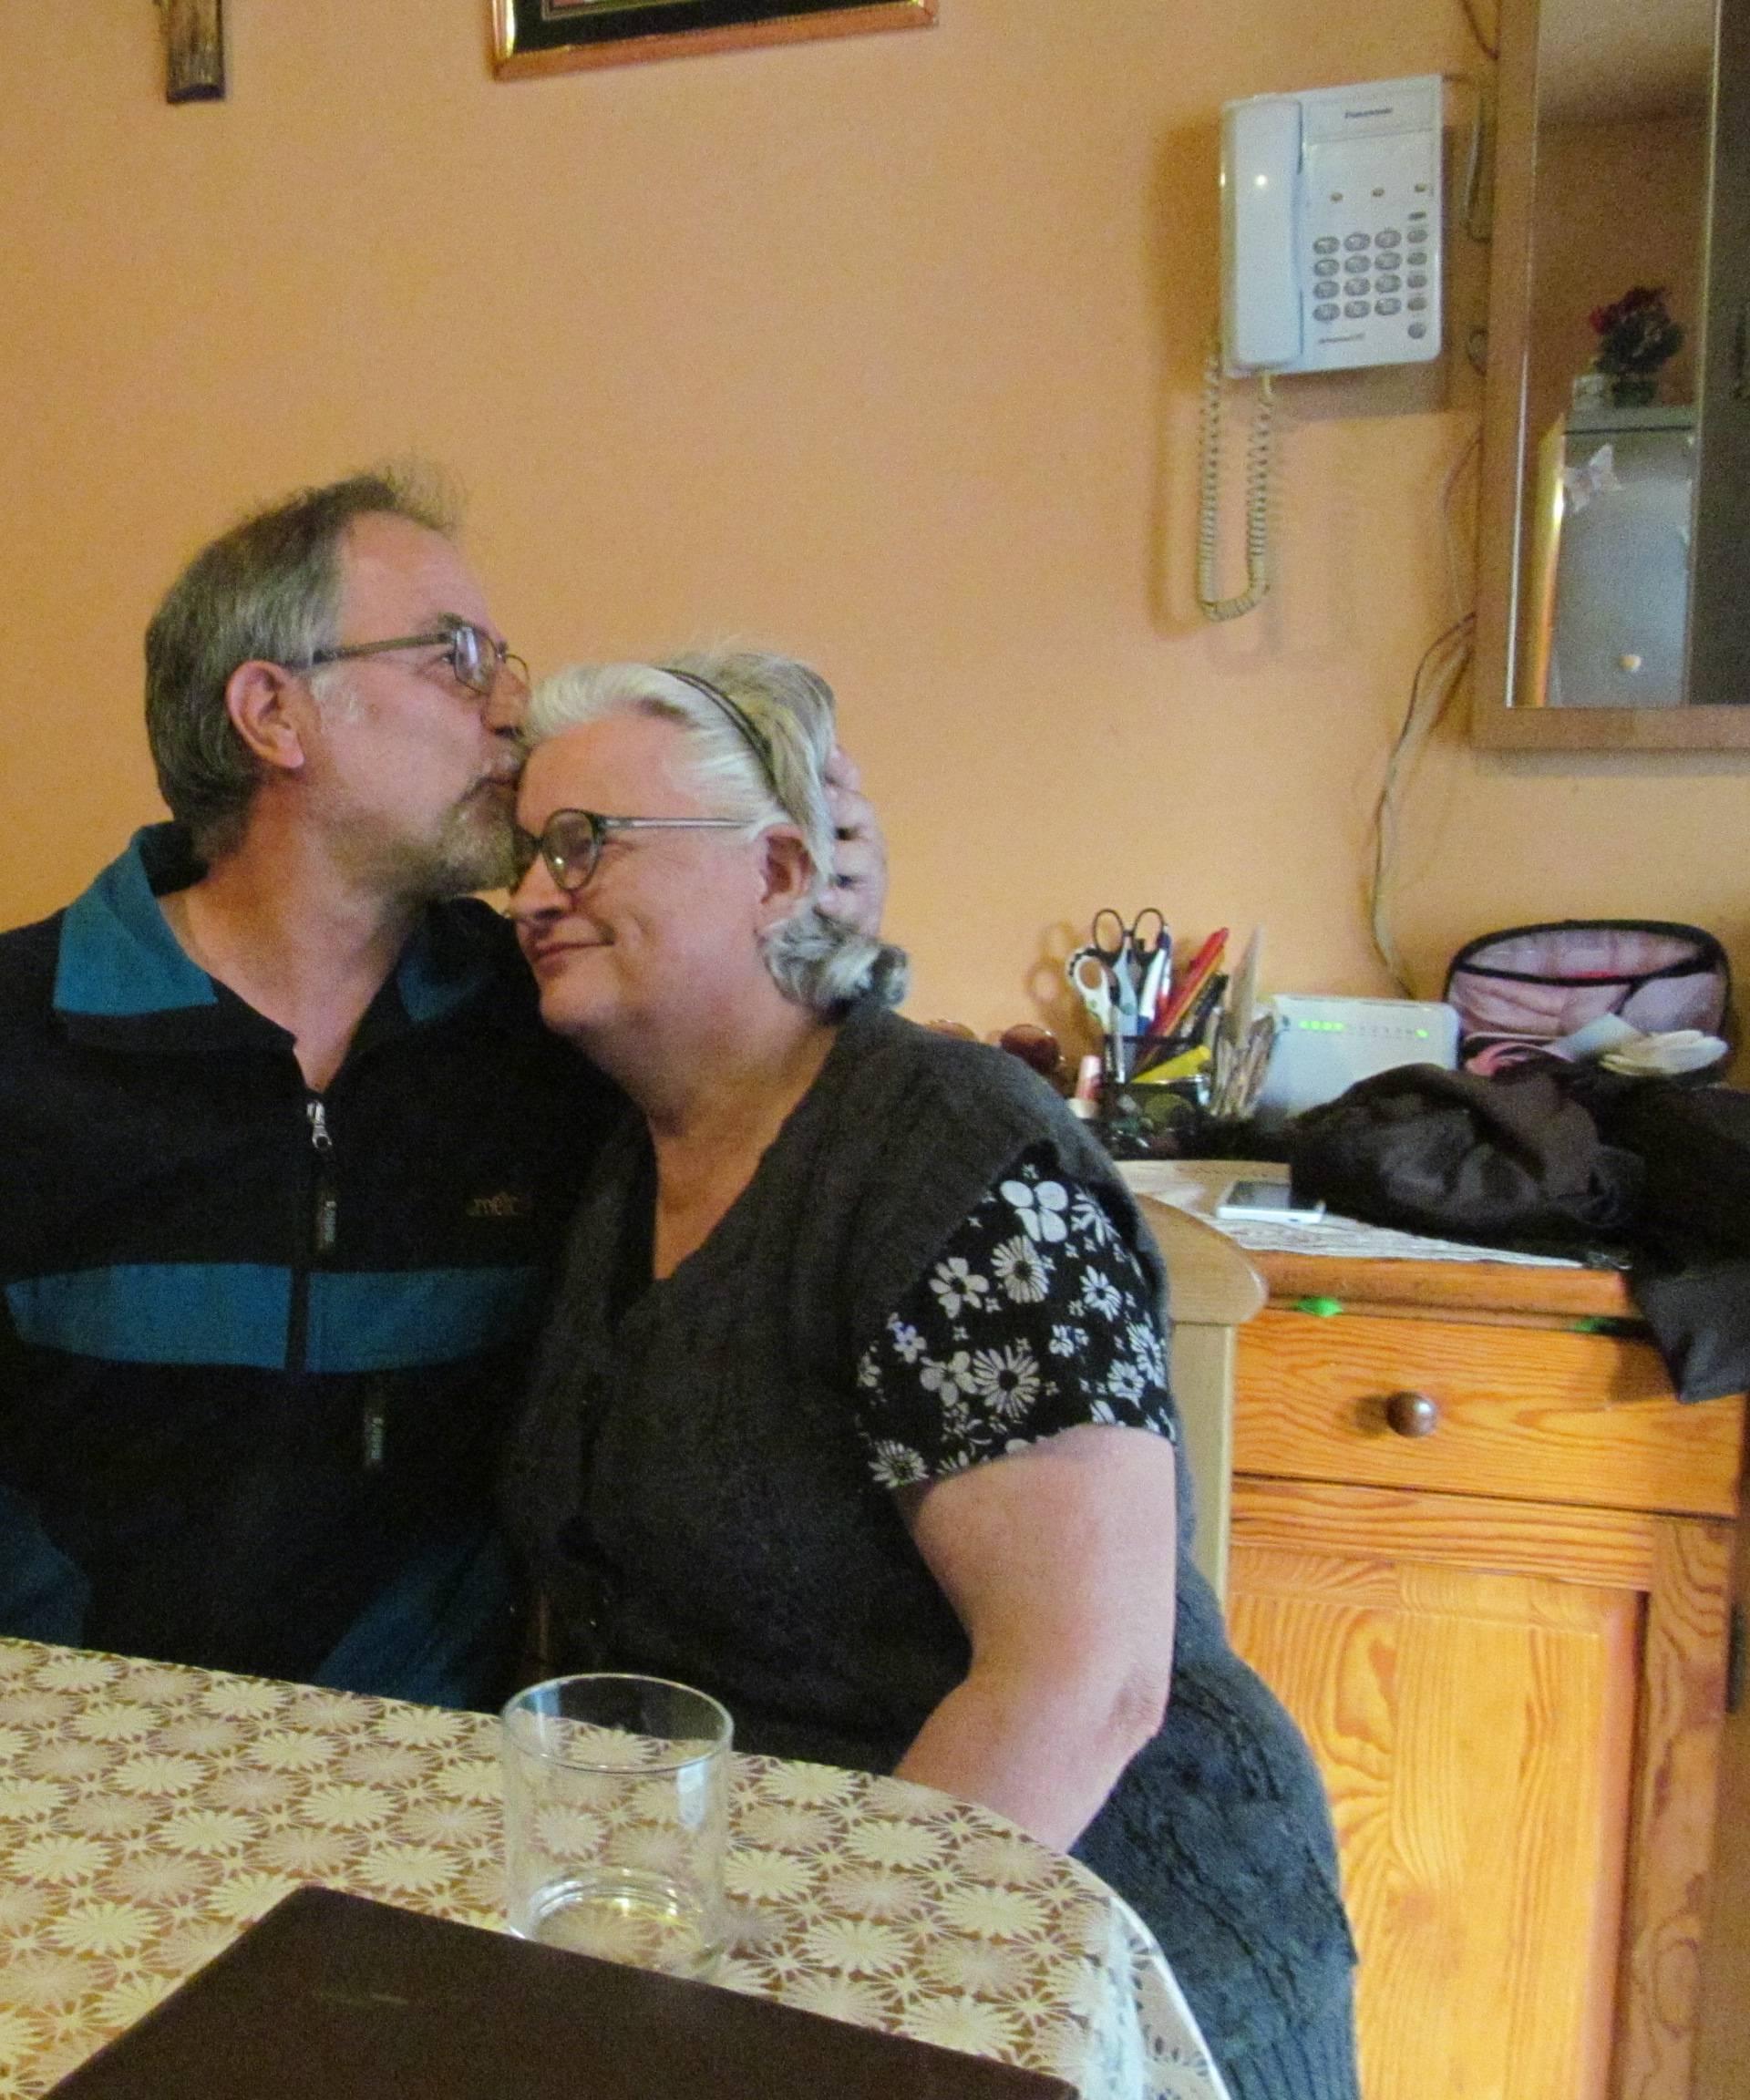 Potraga duga cijeli život: Brat i sestra našli se nakon 59 godina